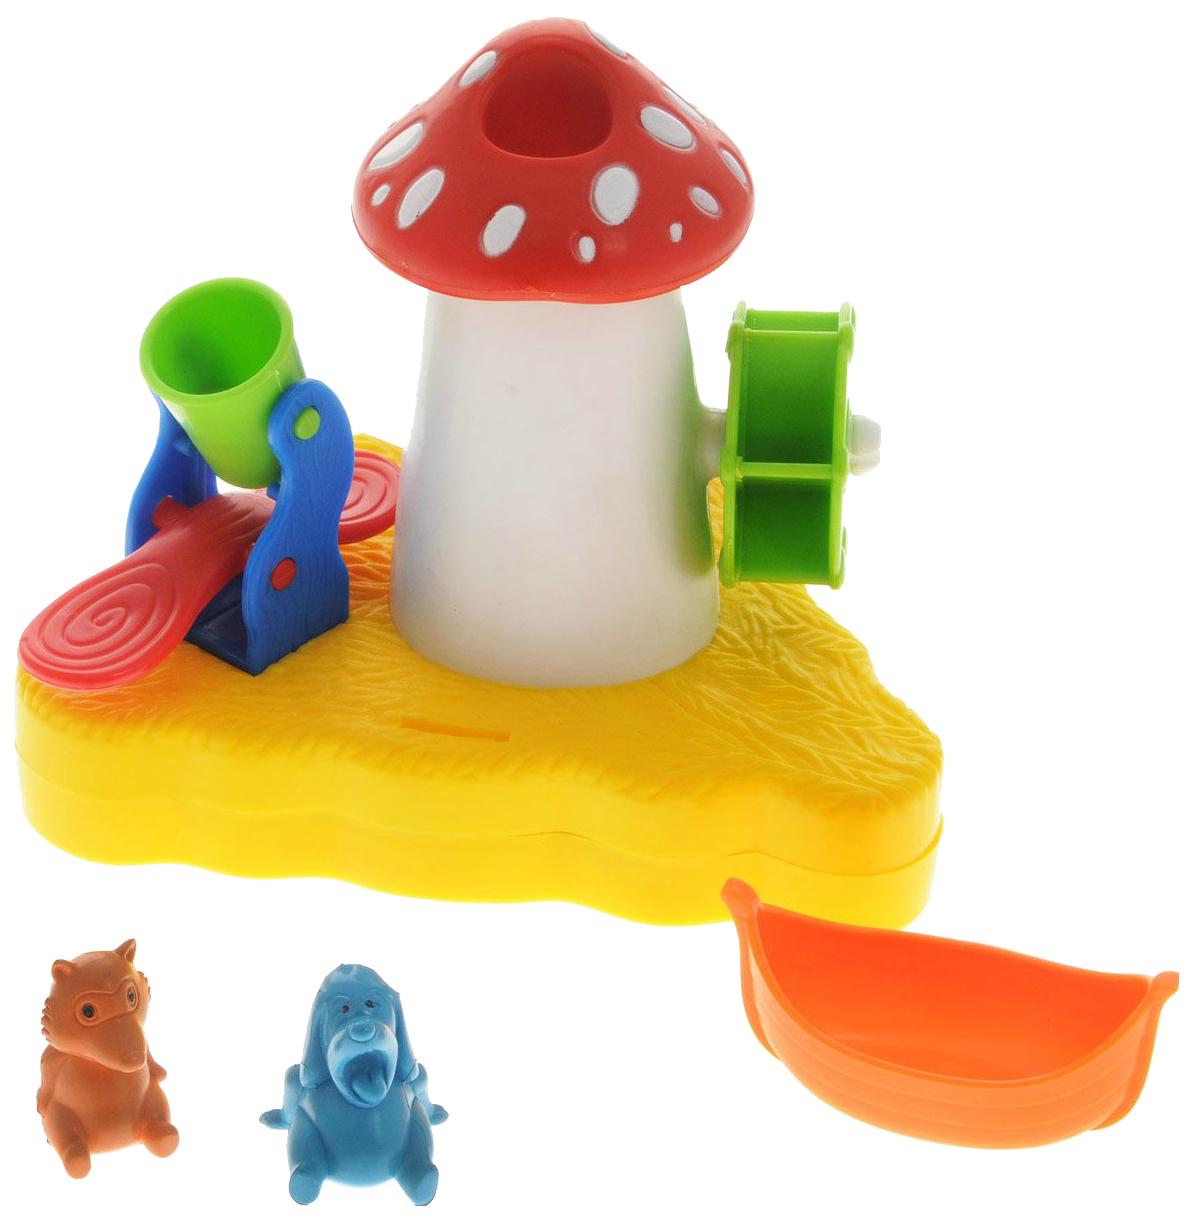 Игрушка для ванной Наша игрушка Купание с друзьями, арт. 681117